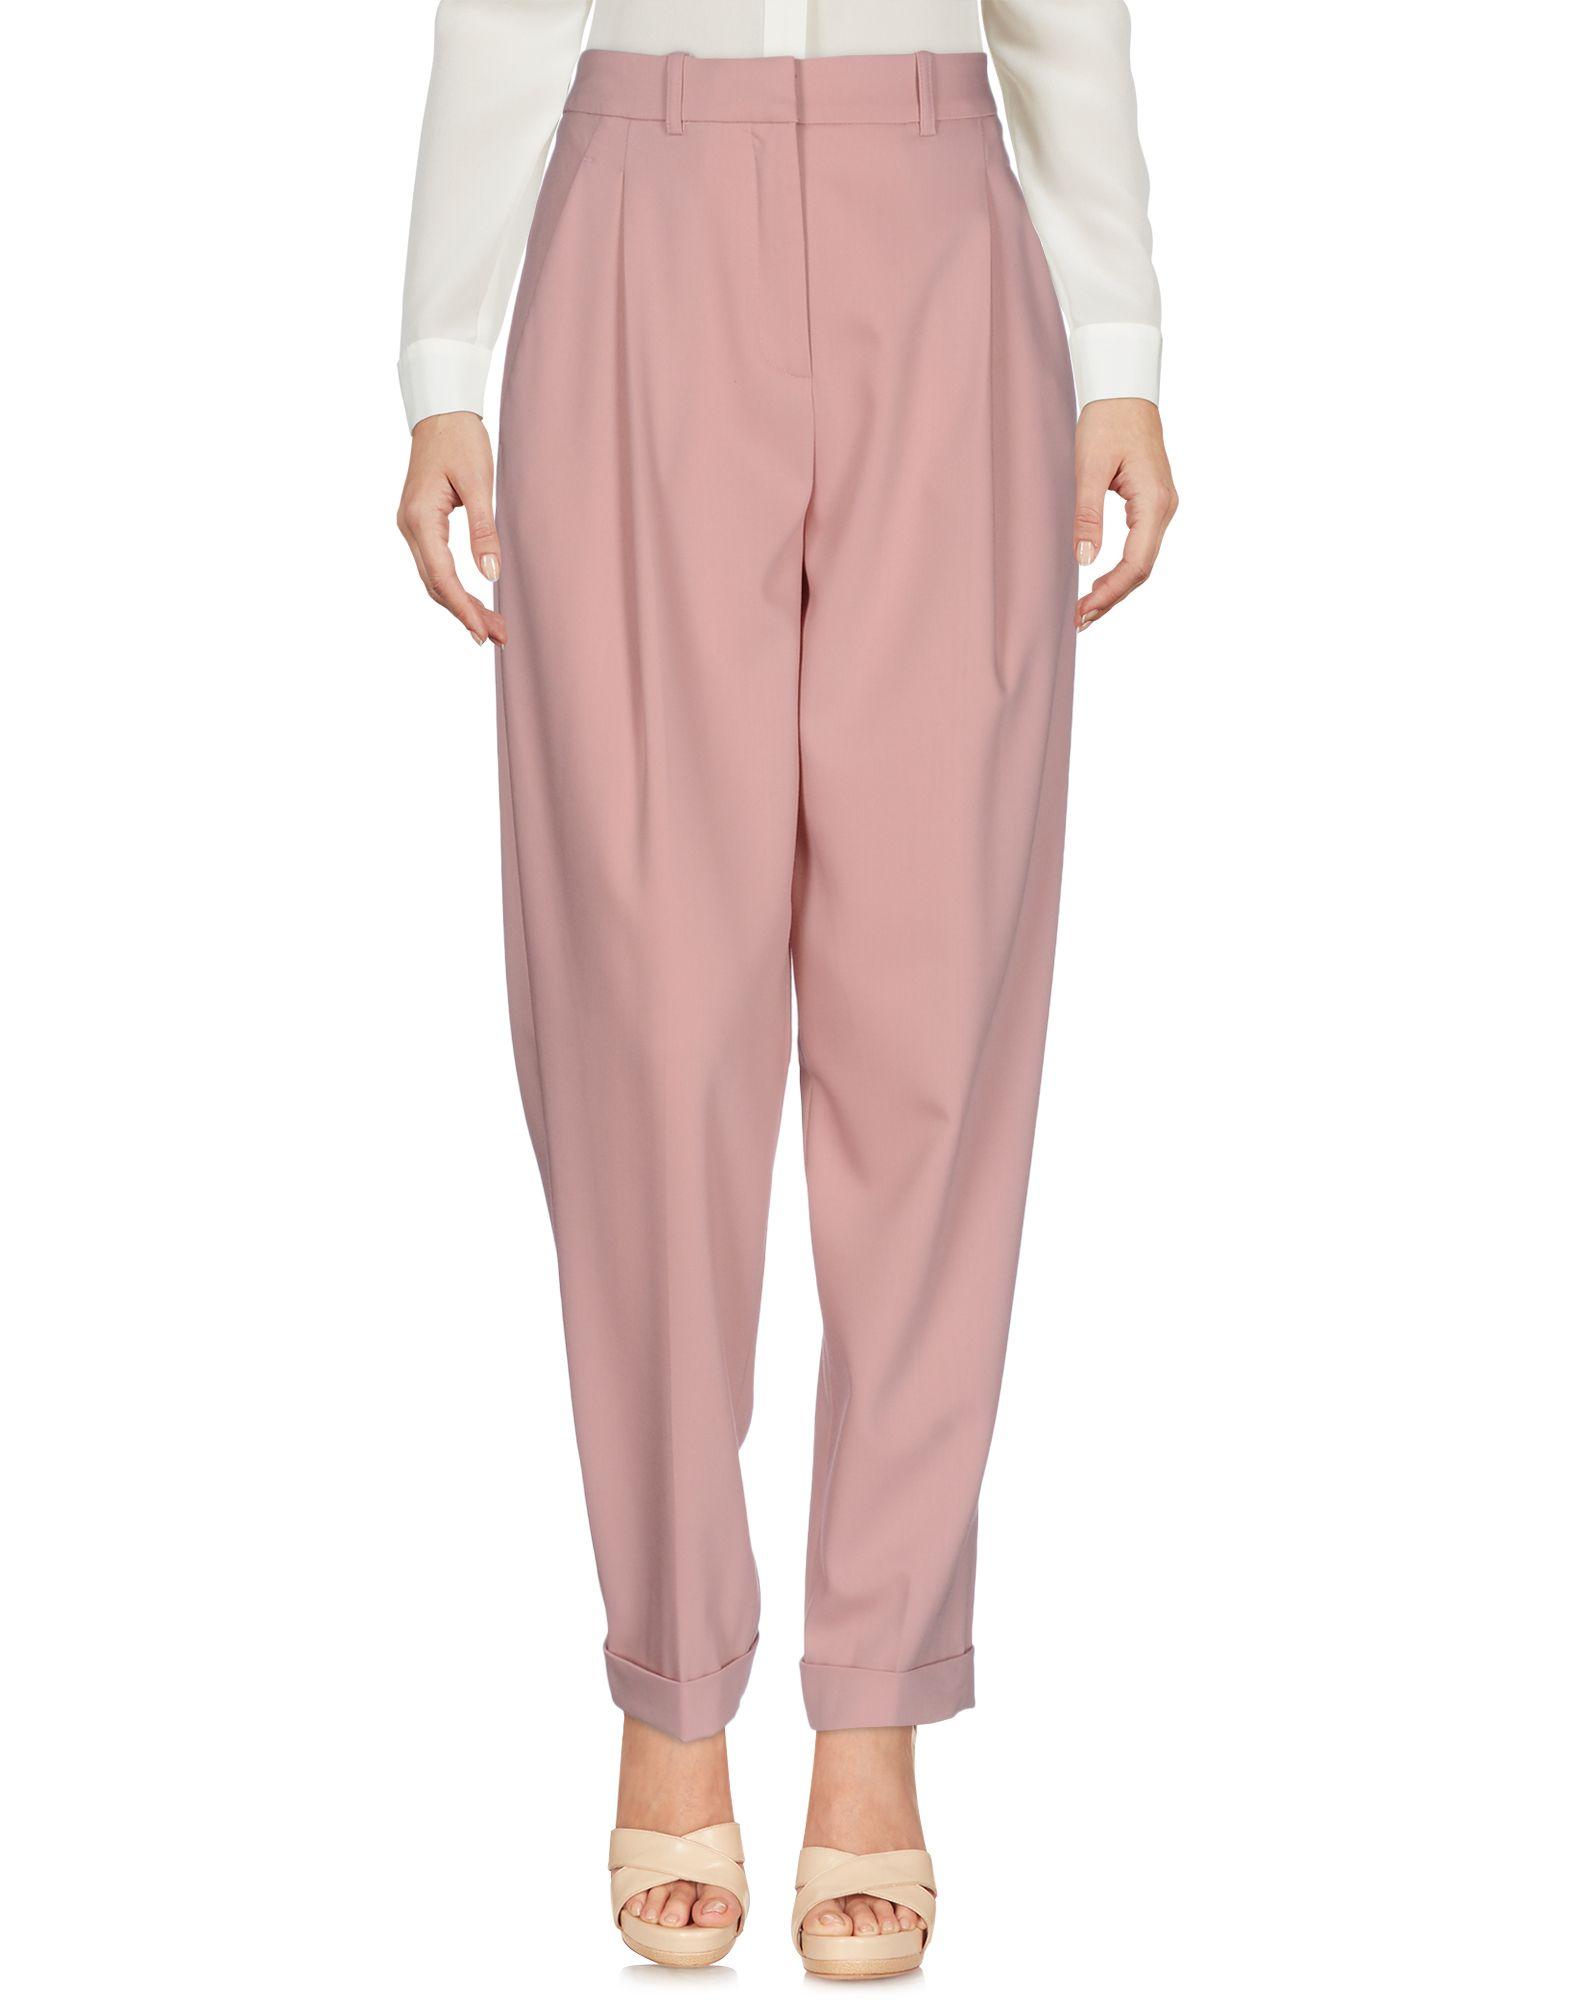 Pantalone Jil Sander Navy Donna - Acquista online su f1iHSt2p